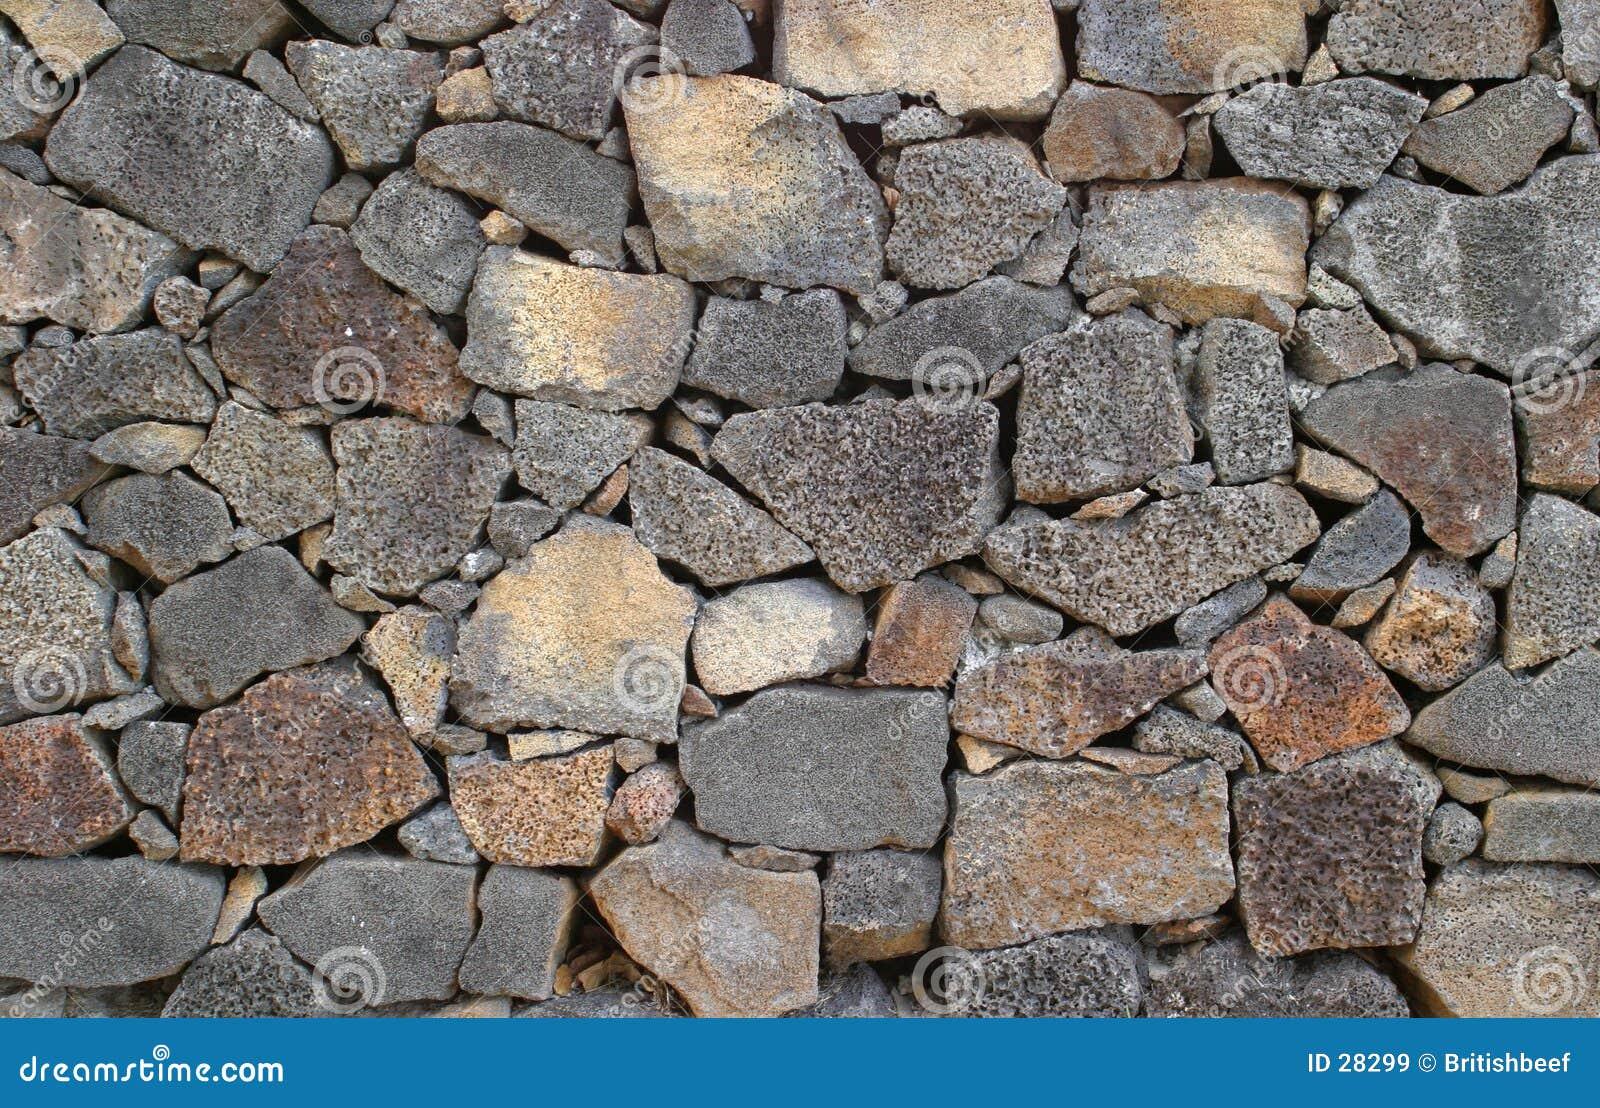 Download Pared de la roca volcánica imagen de archivo. Imagen de volcánico - 28299